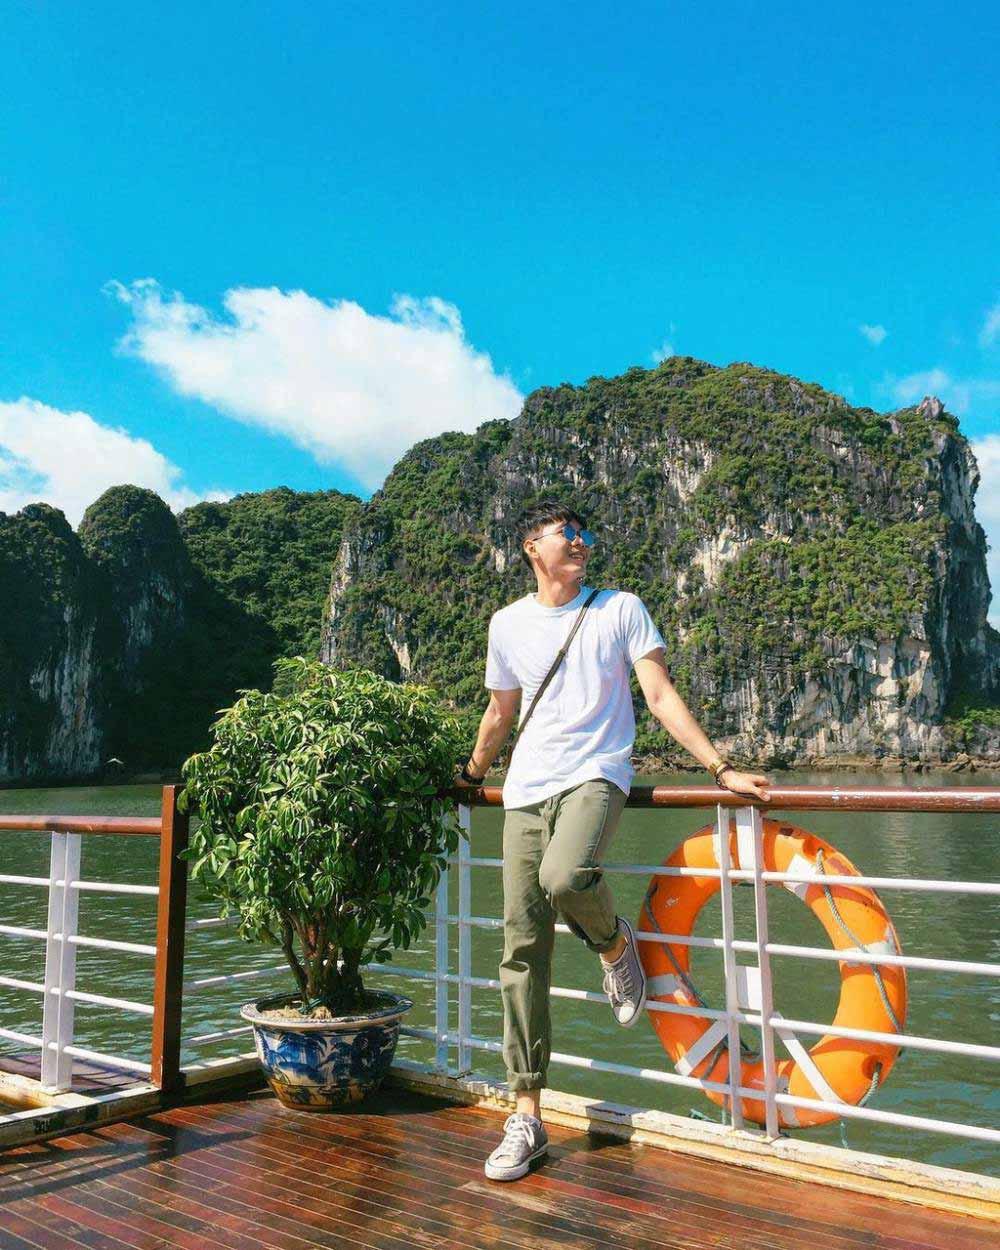 các địa điểm du lịch ở Quảng Ninh